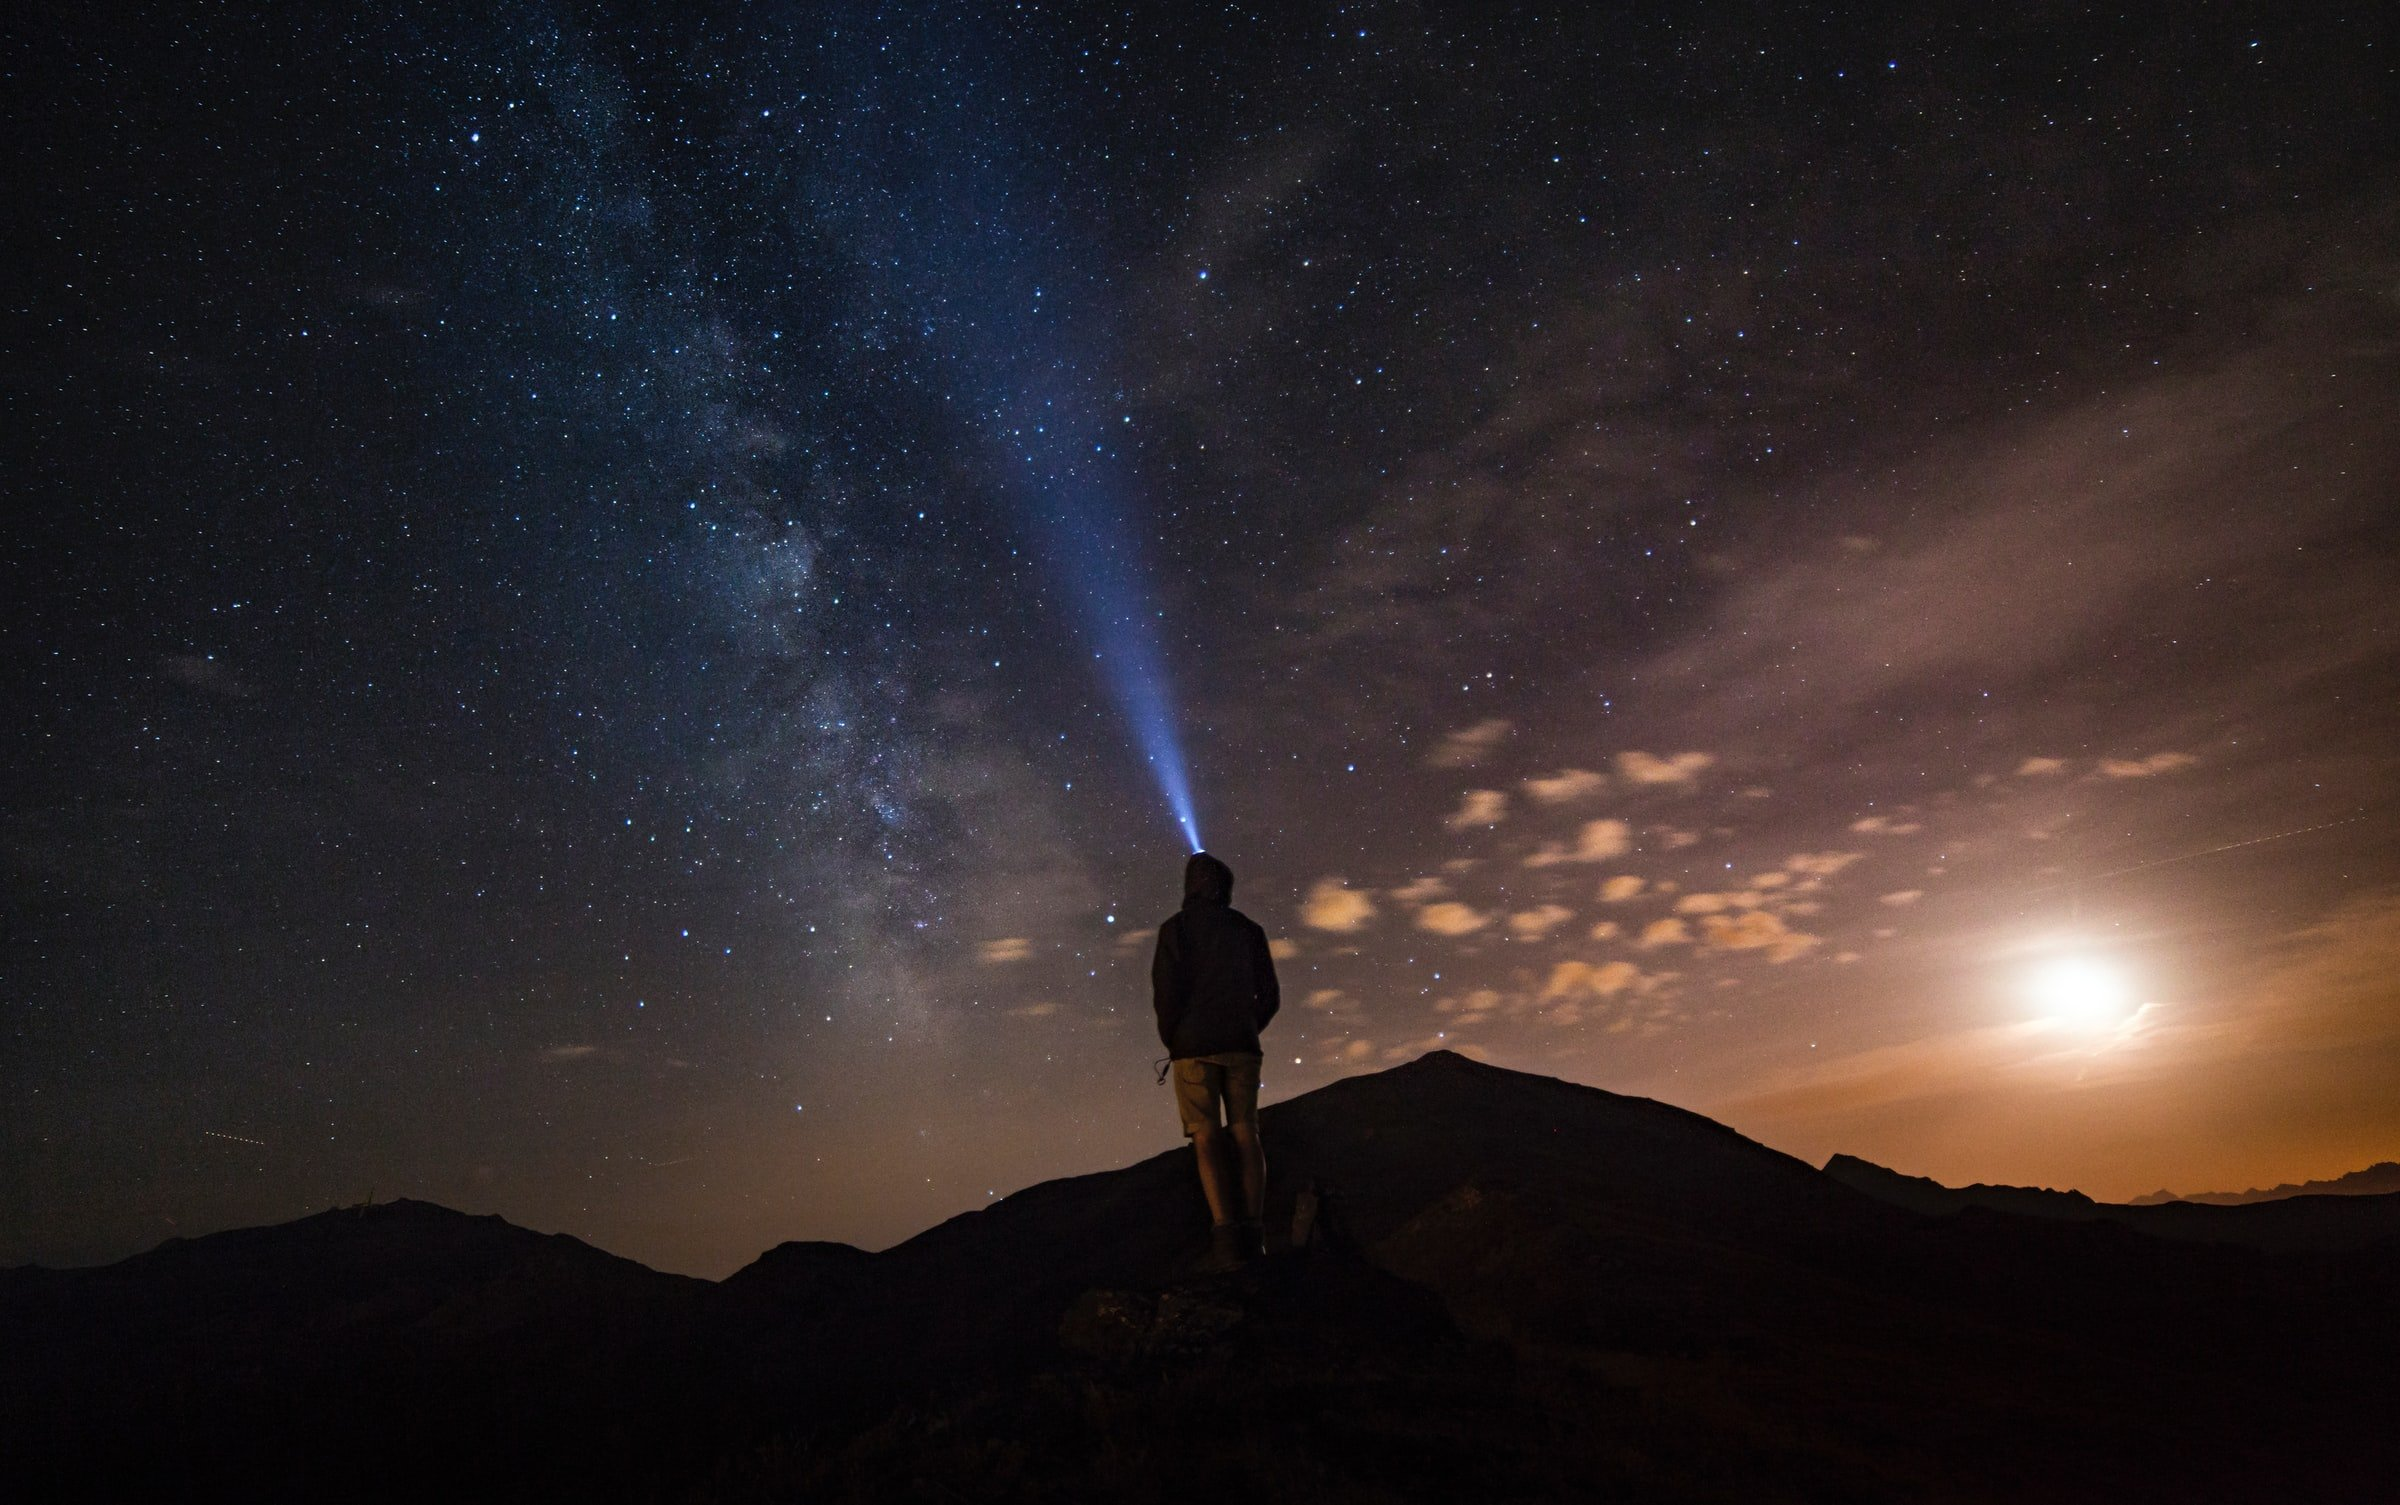 47826 Вчені зафіксували в космосі дивний сигнал, і є підозри, що це прибульці